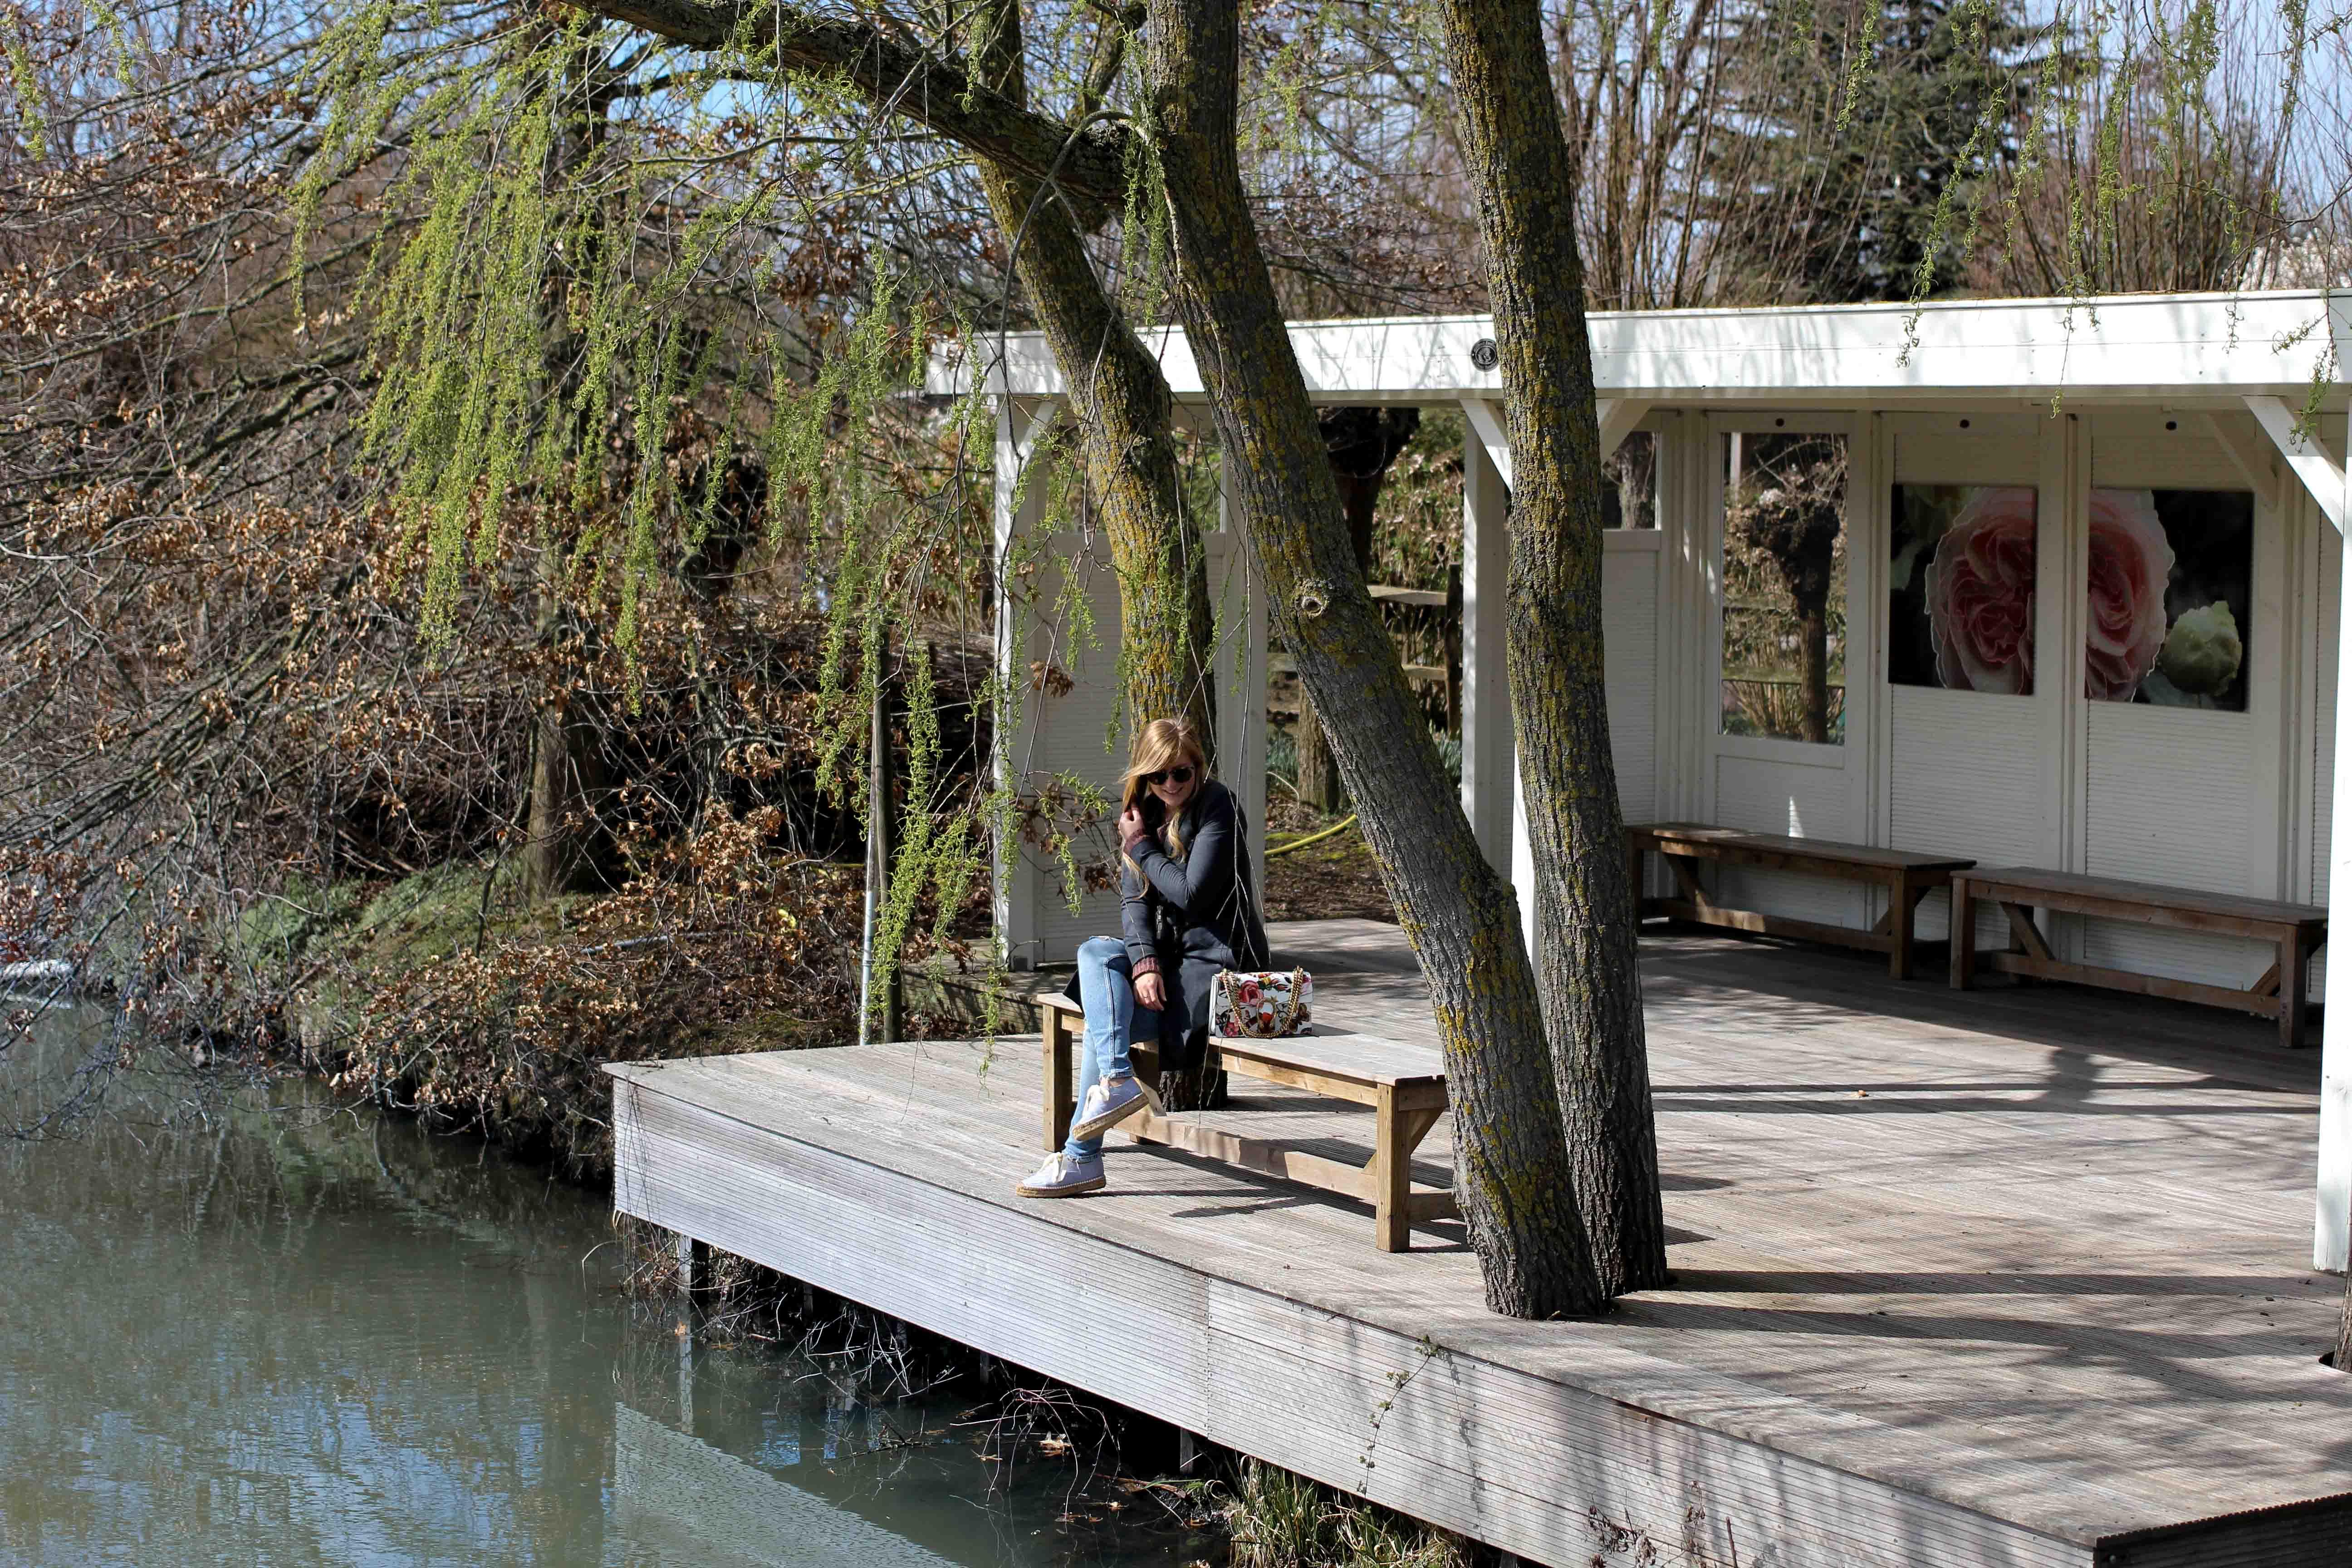 die Gärten von Appeltern Holland Wochenendtrip Tuinen van Appeltern das andere Holland Reiseblog Ausflug Deutschland Fluss 2